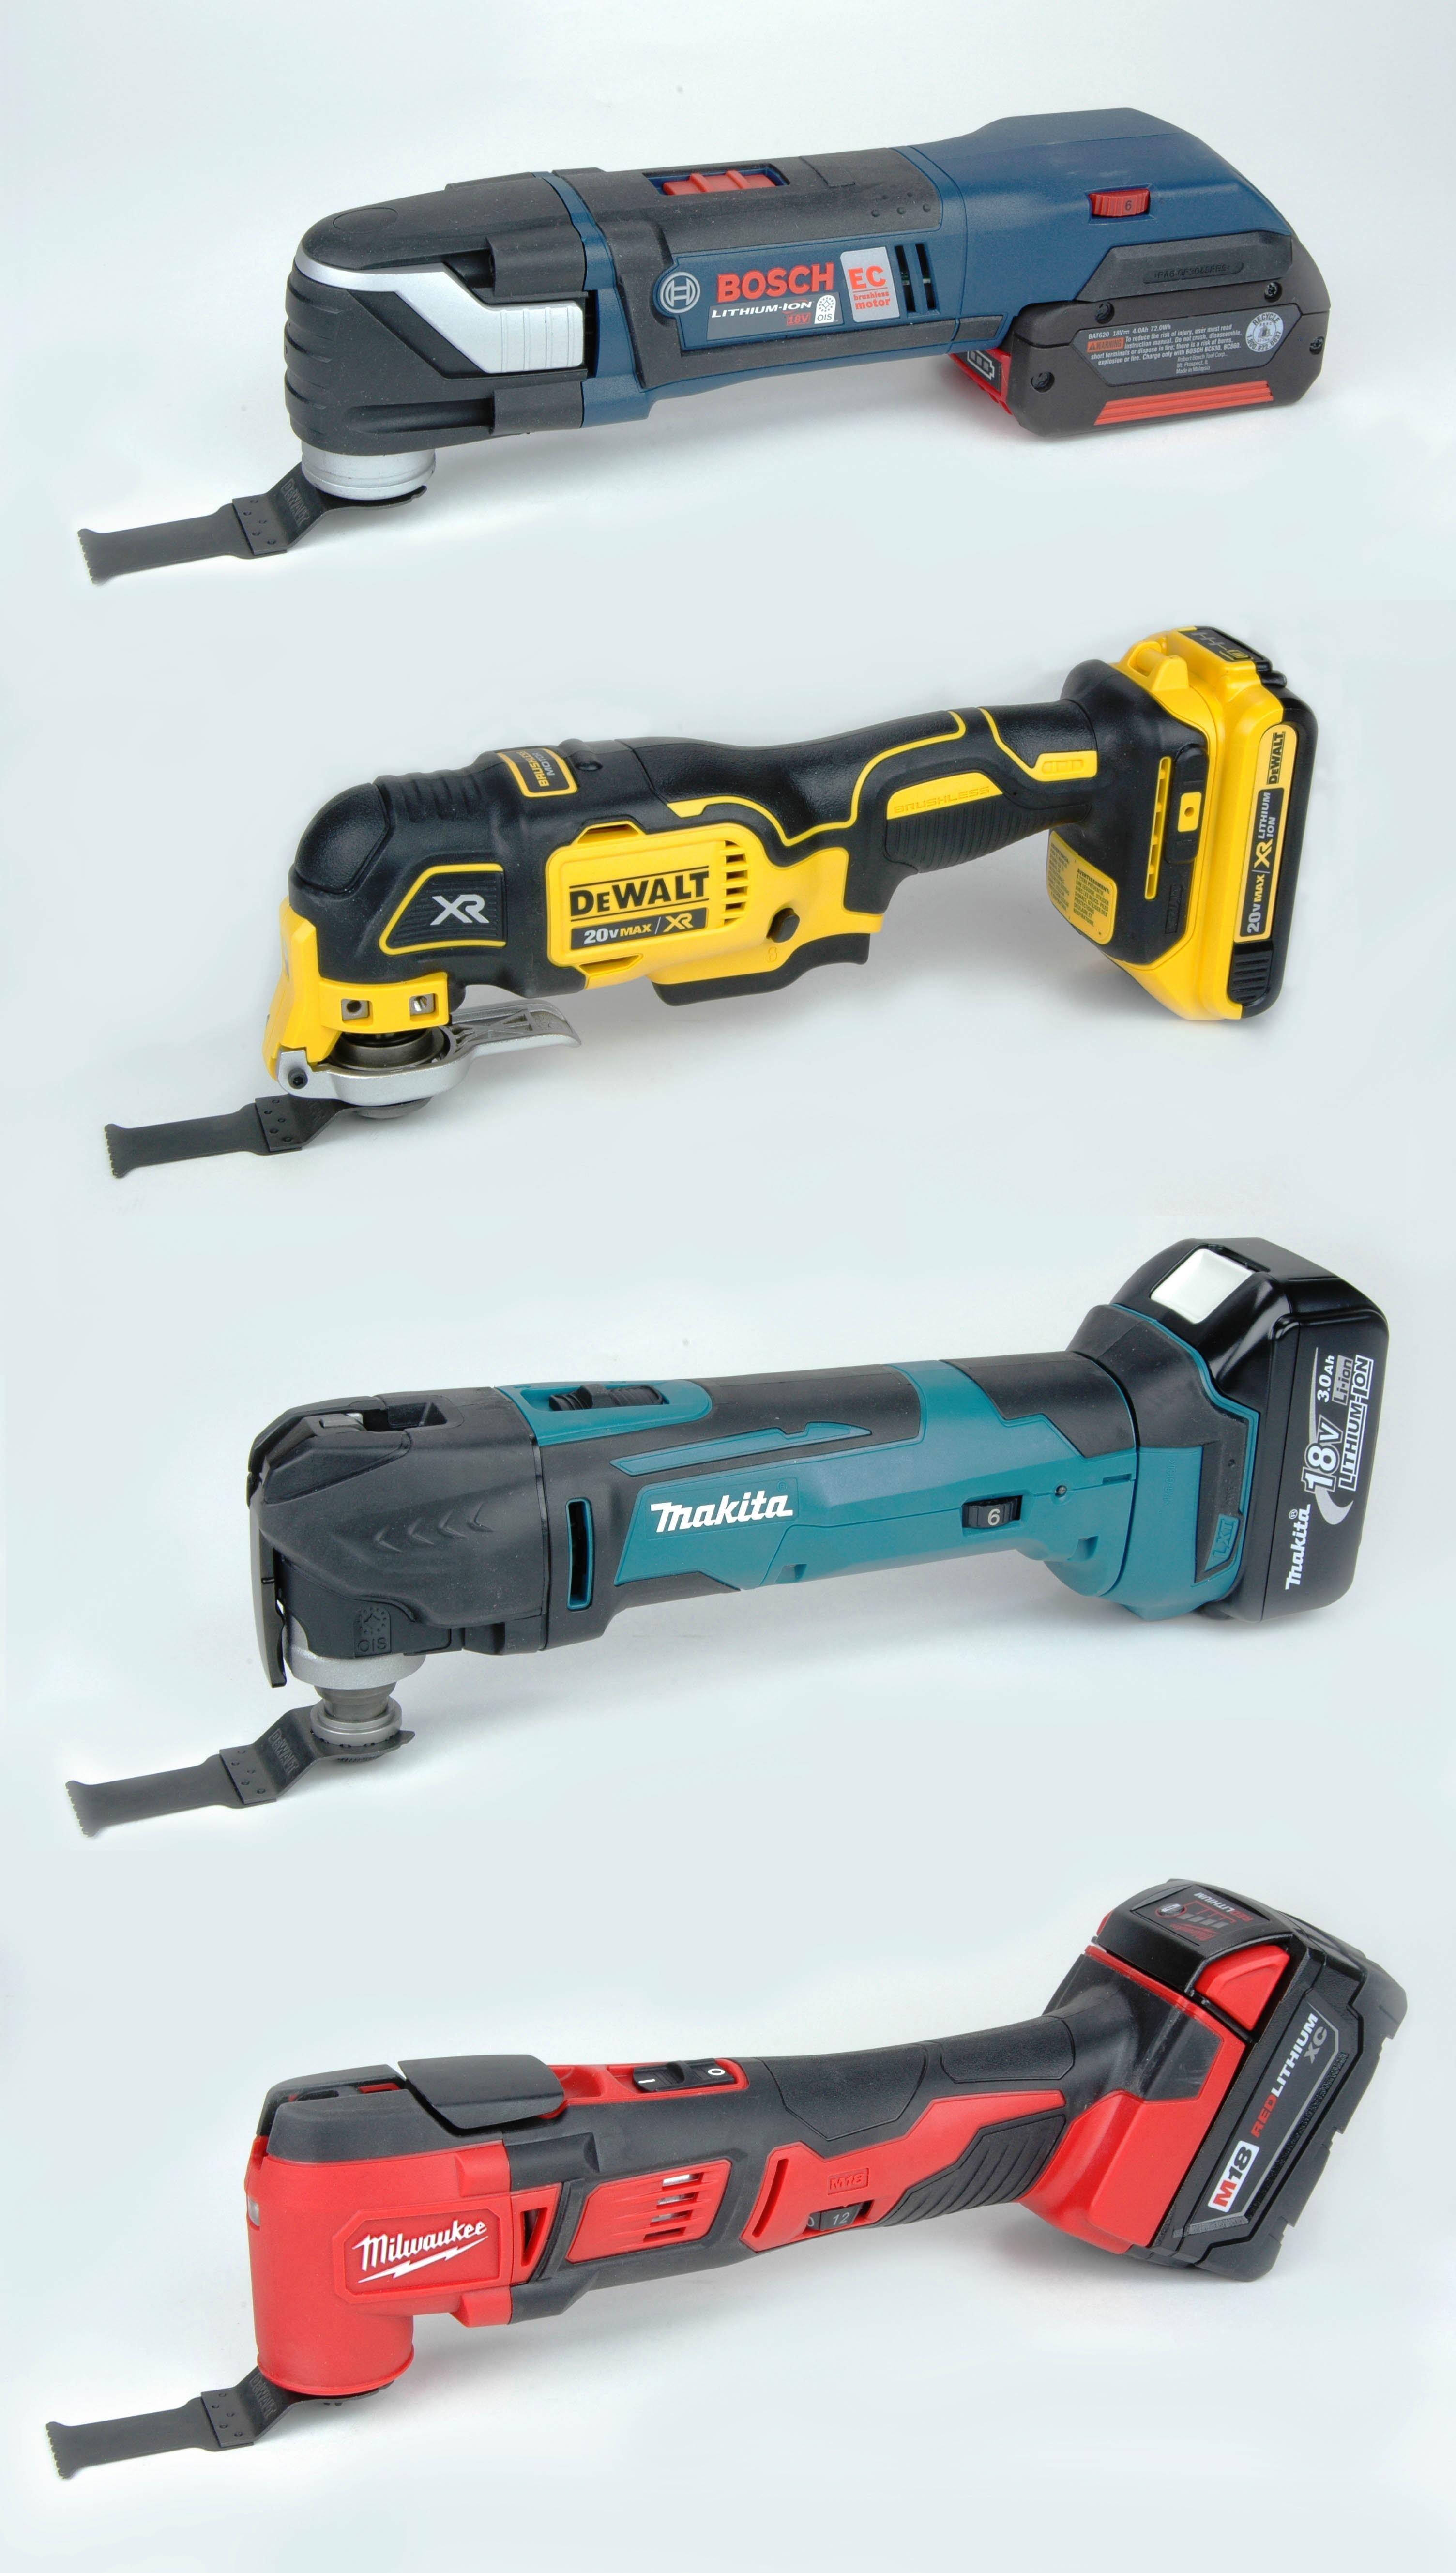 New 18 Volt Cordless Oscillating Multi Tools Tools Of